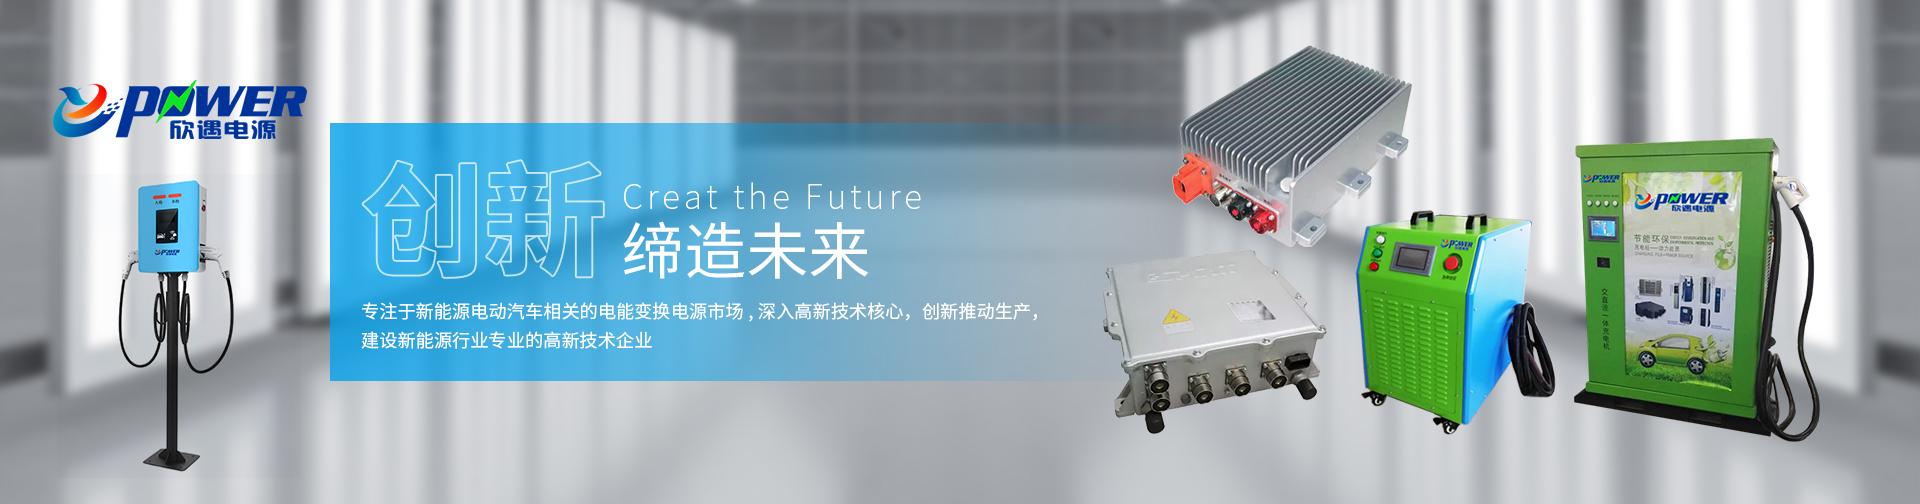 上海欣遇电源科技有限公司